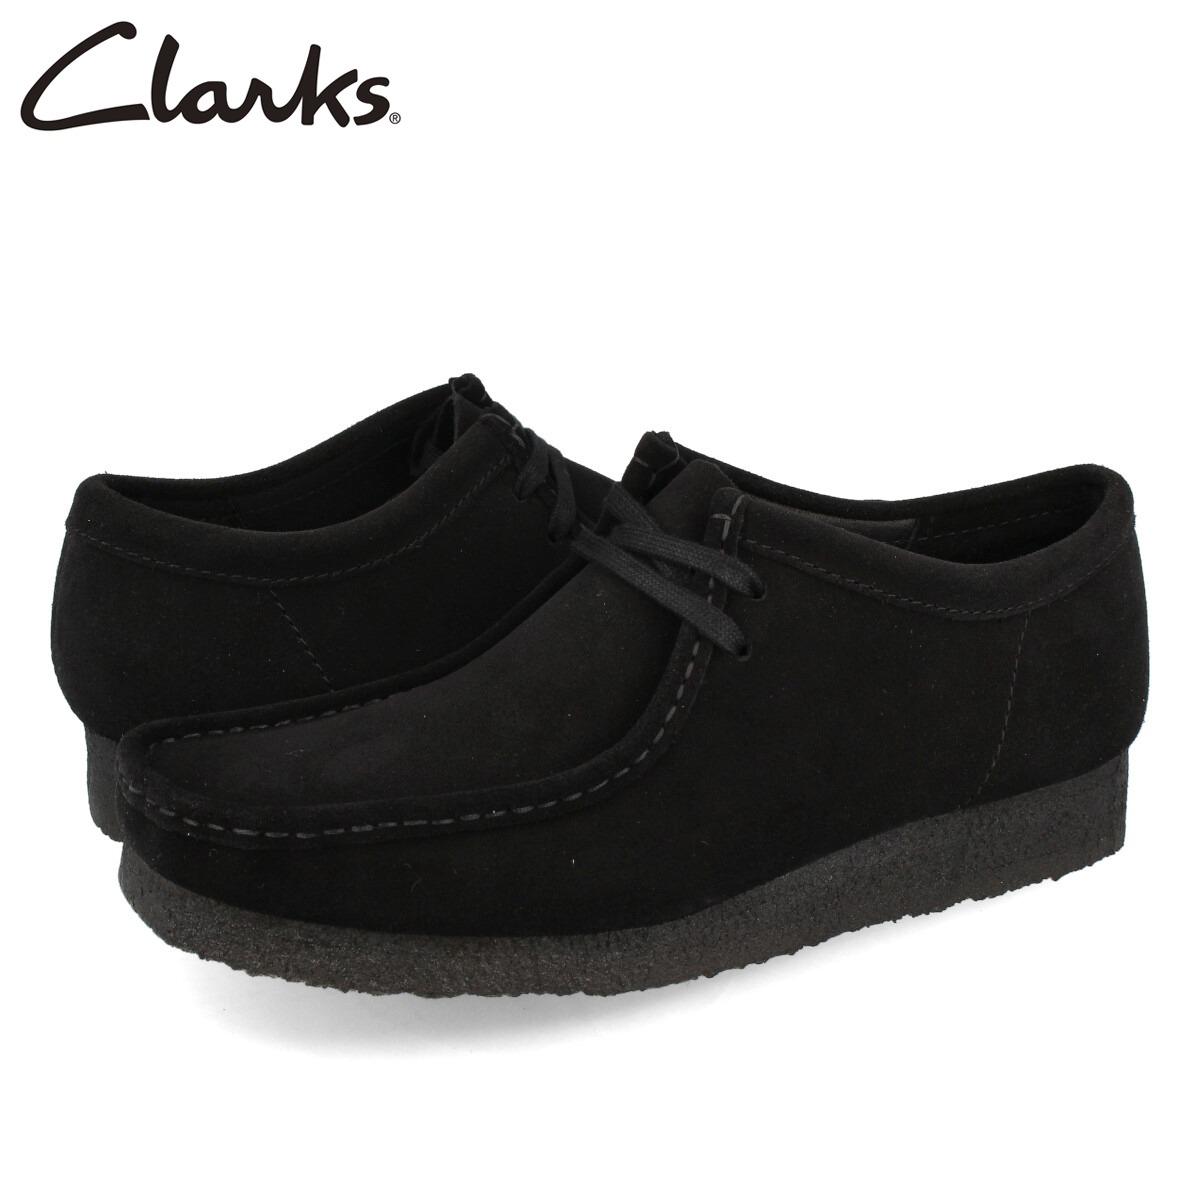 大特価 送料無料 CLARKS ORIGINALS クラークス ブーツ モカシン シューズ メンズ カジュアル ブラック 26155519 スウェード WALLABEE SUEDE 黒 ワラビー BLACK スエード クレープソール 新発売